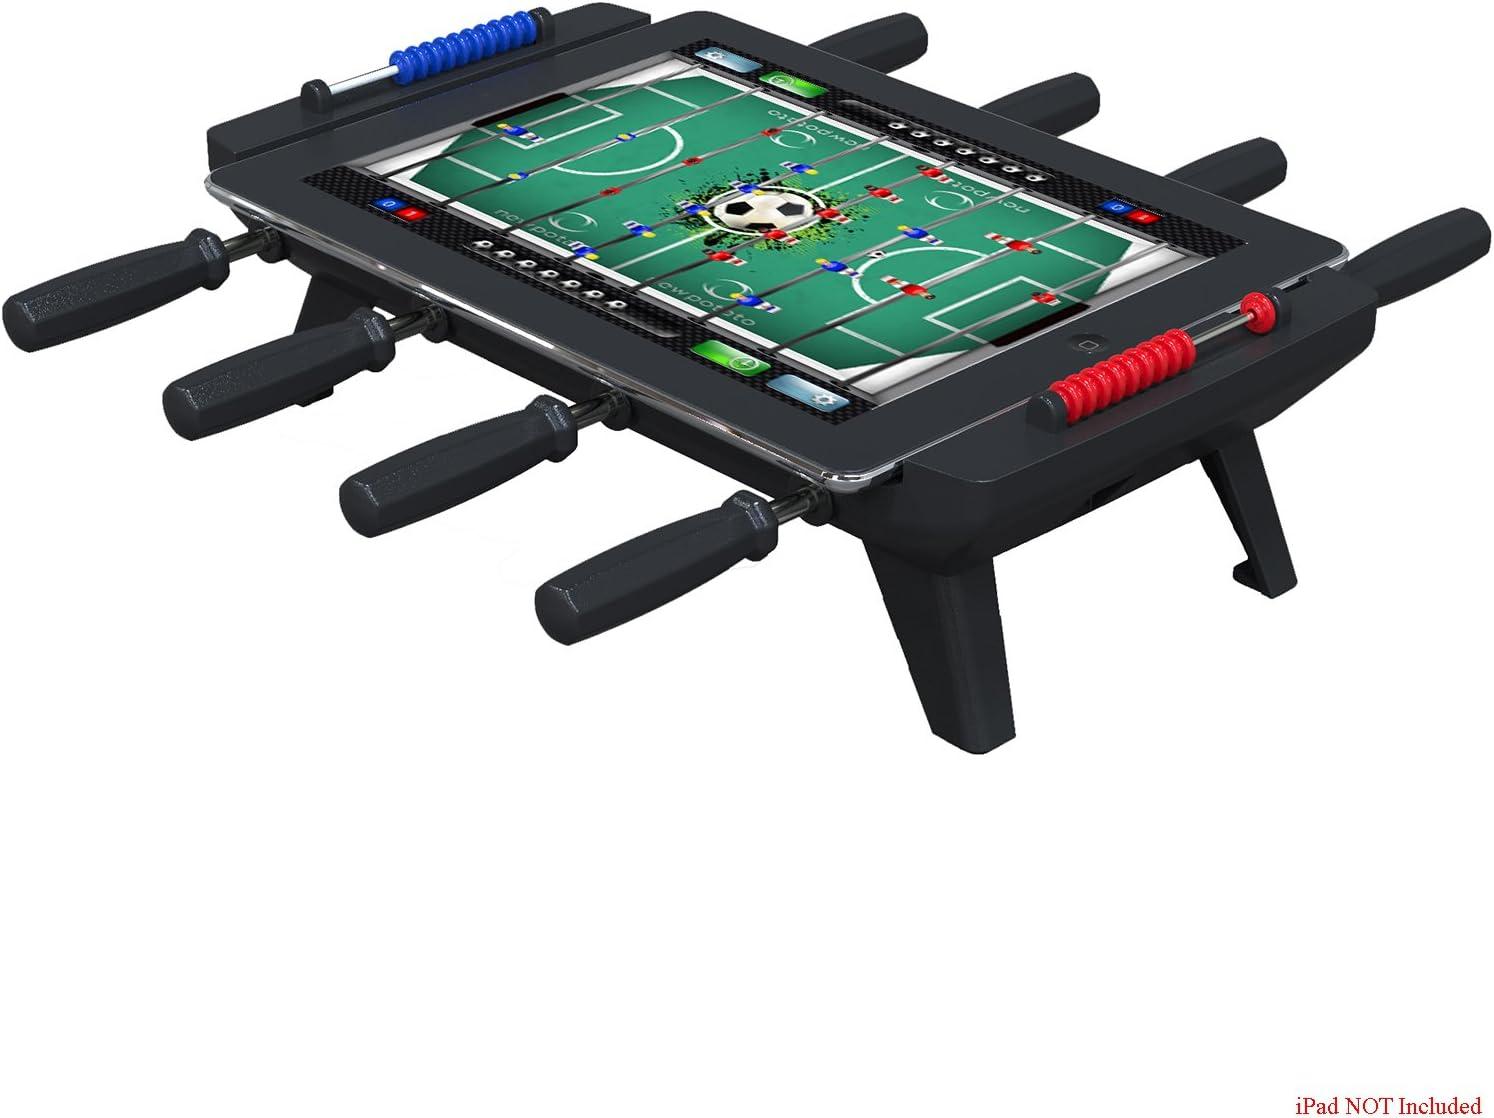 New Potato Technologies USA Foosball Tournament - Mesa de futbolín para iPad 1/2/3, color negro: Amazon.es: Juguetes y juegos